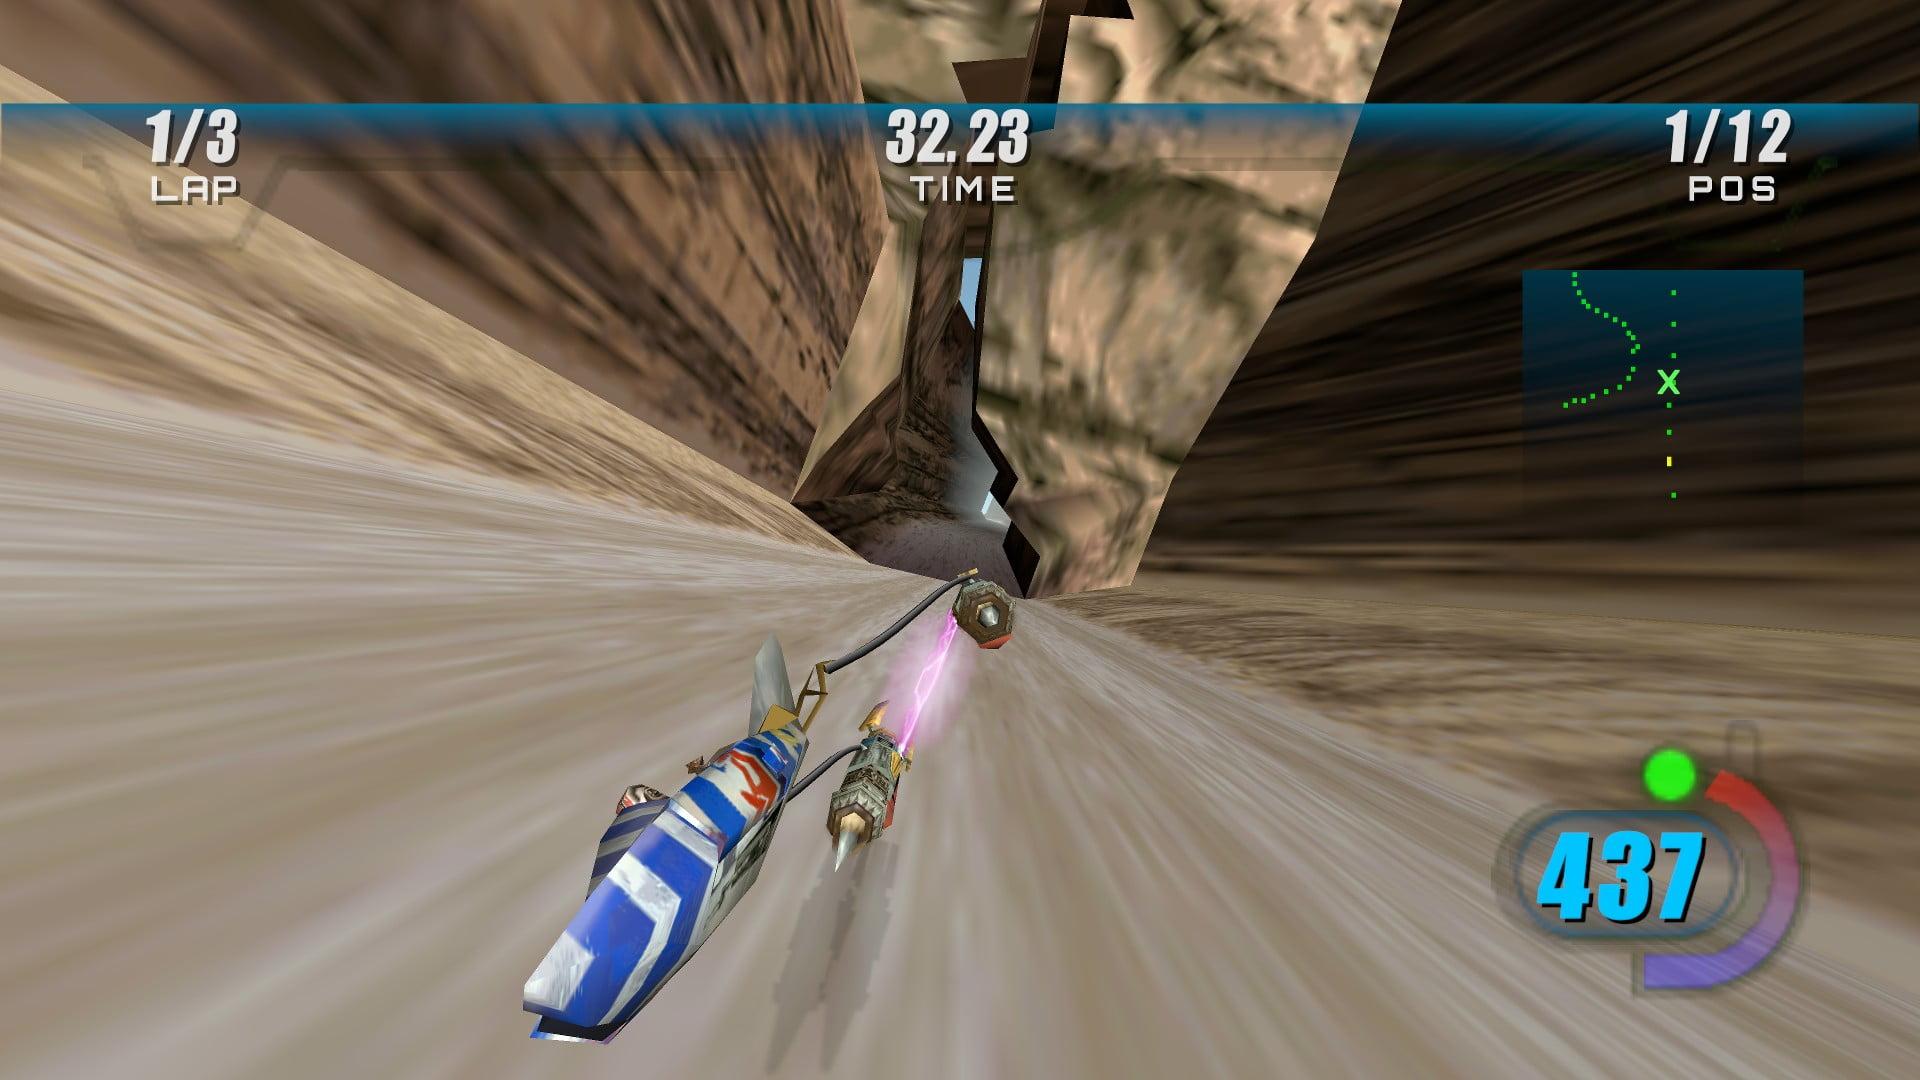 Star Wars Episode I Racer 2